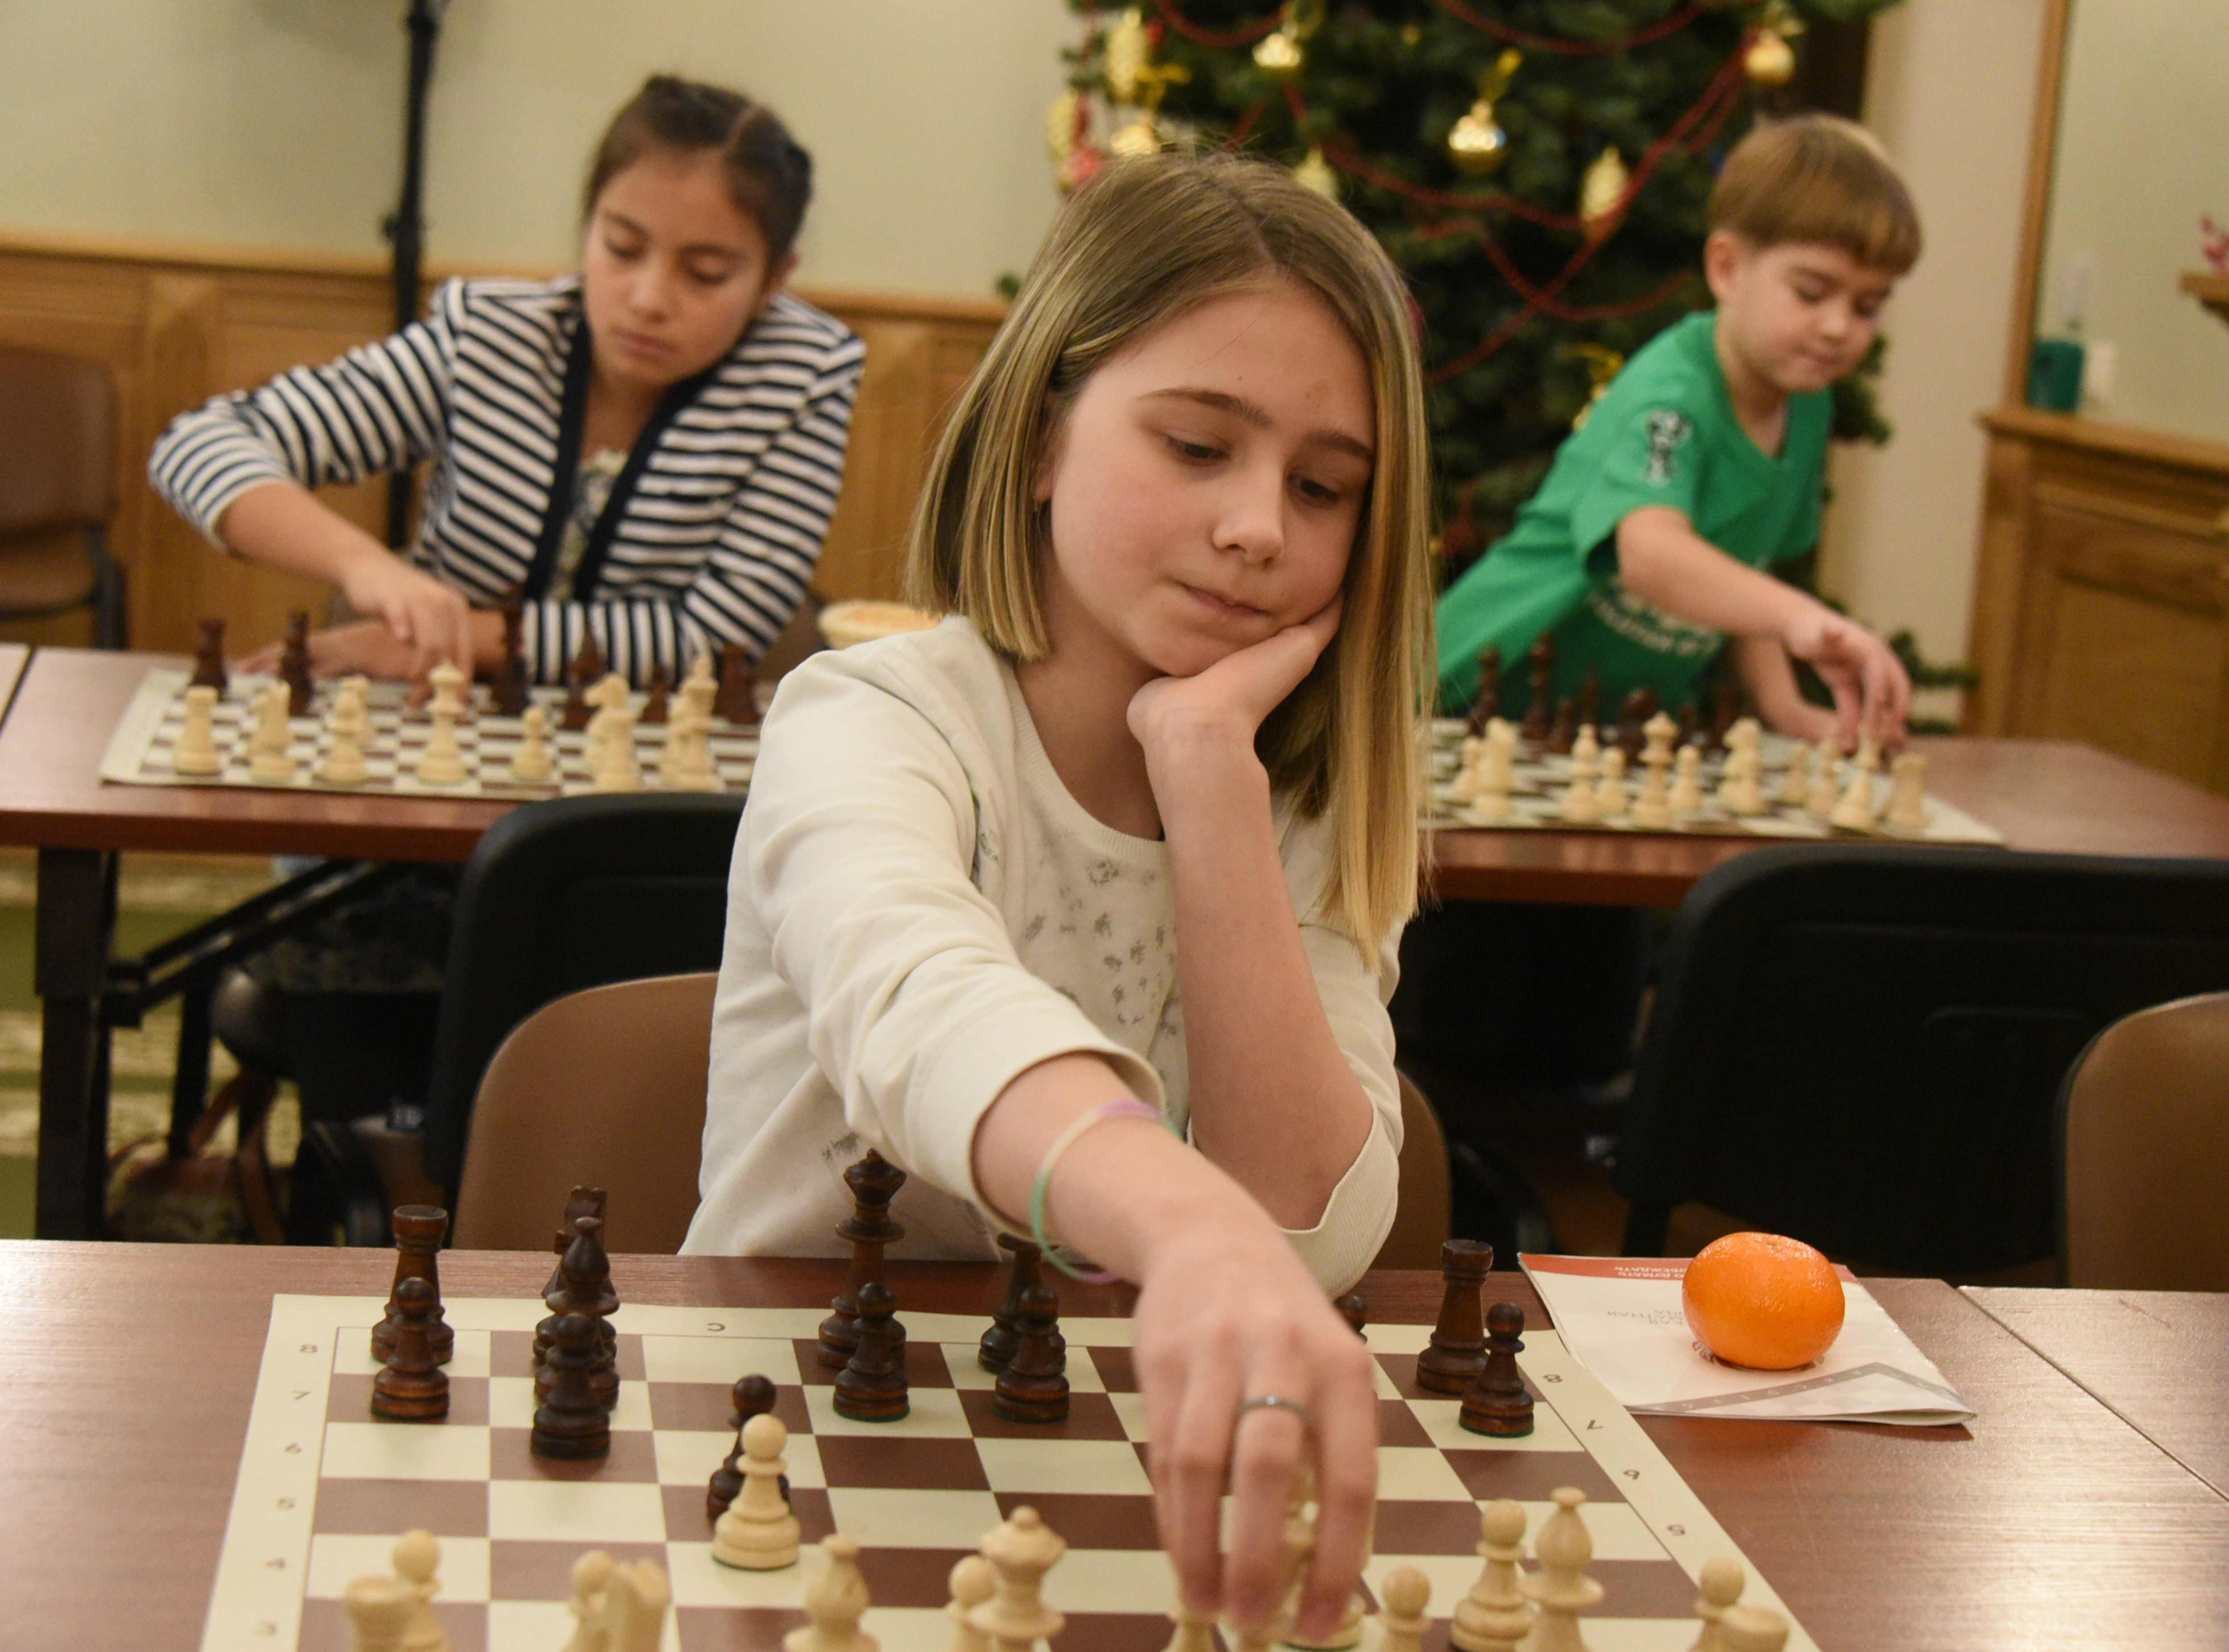 Юные шахматисты сразятся в окружном турнире в Сосенском